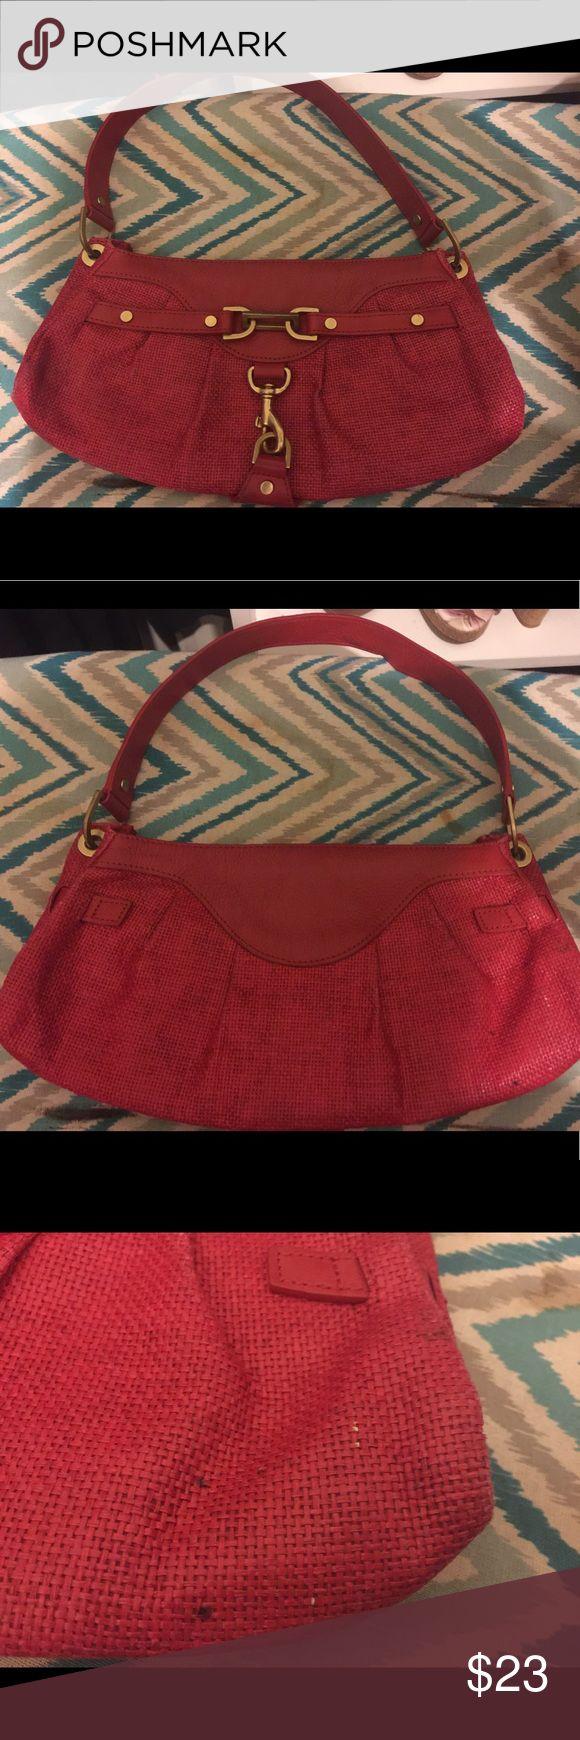 Banana Republic small bag Cute bag by BR Banana Republic Bags Mini Bags